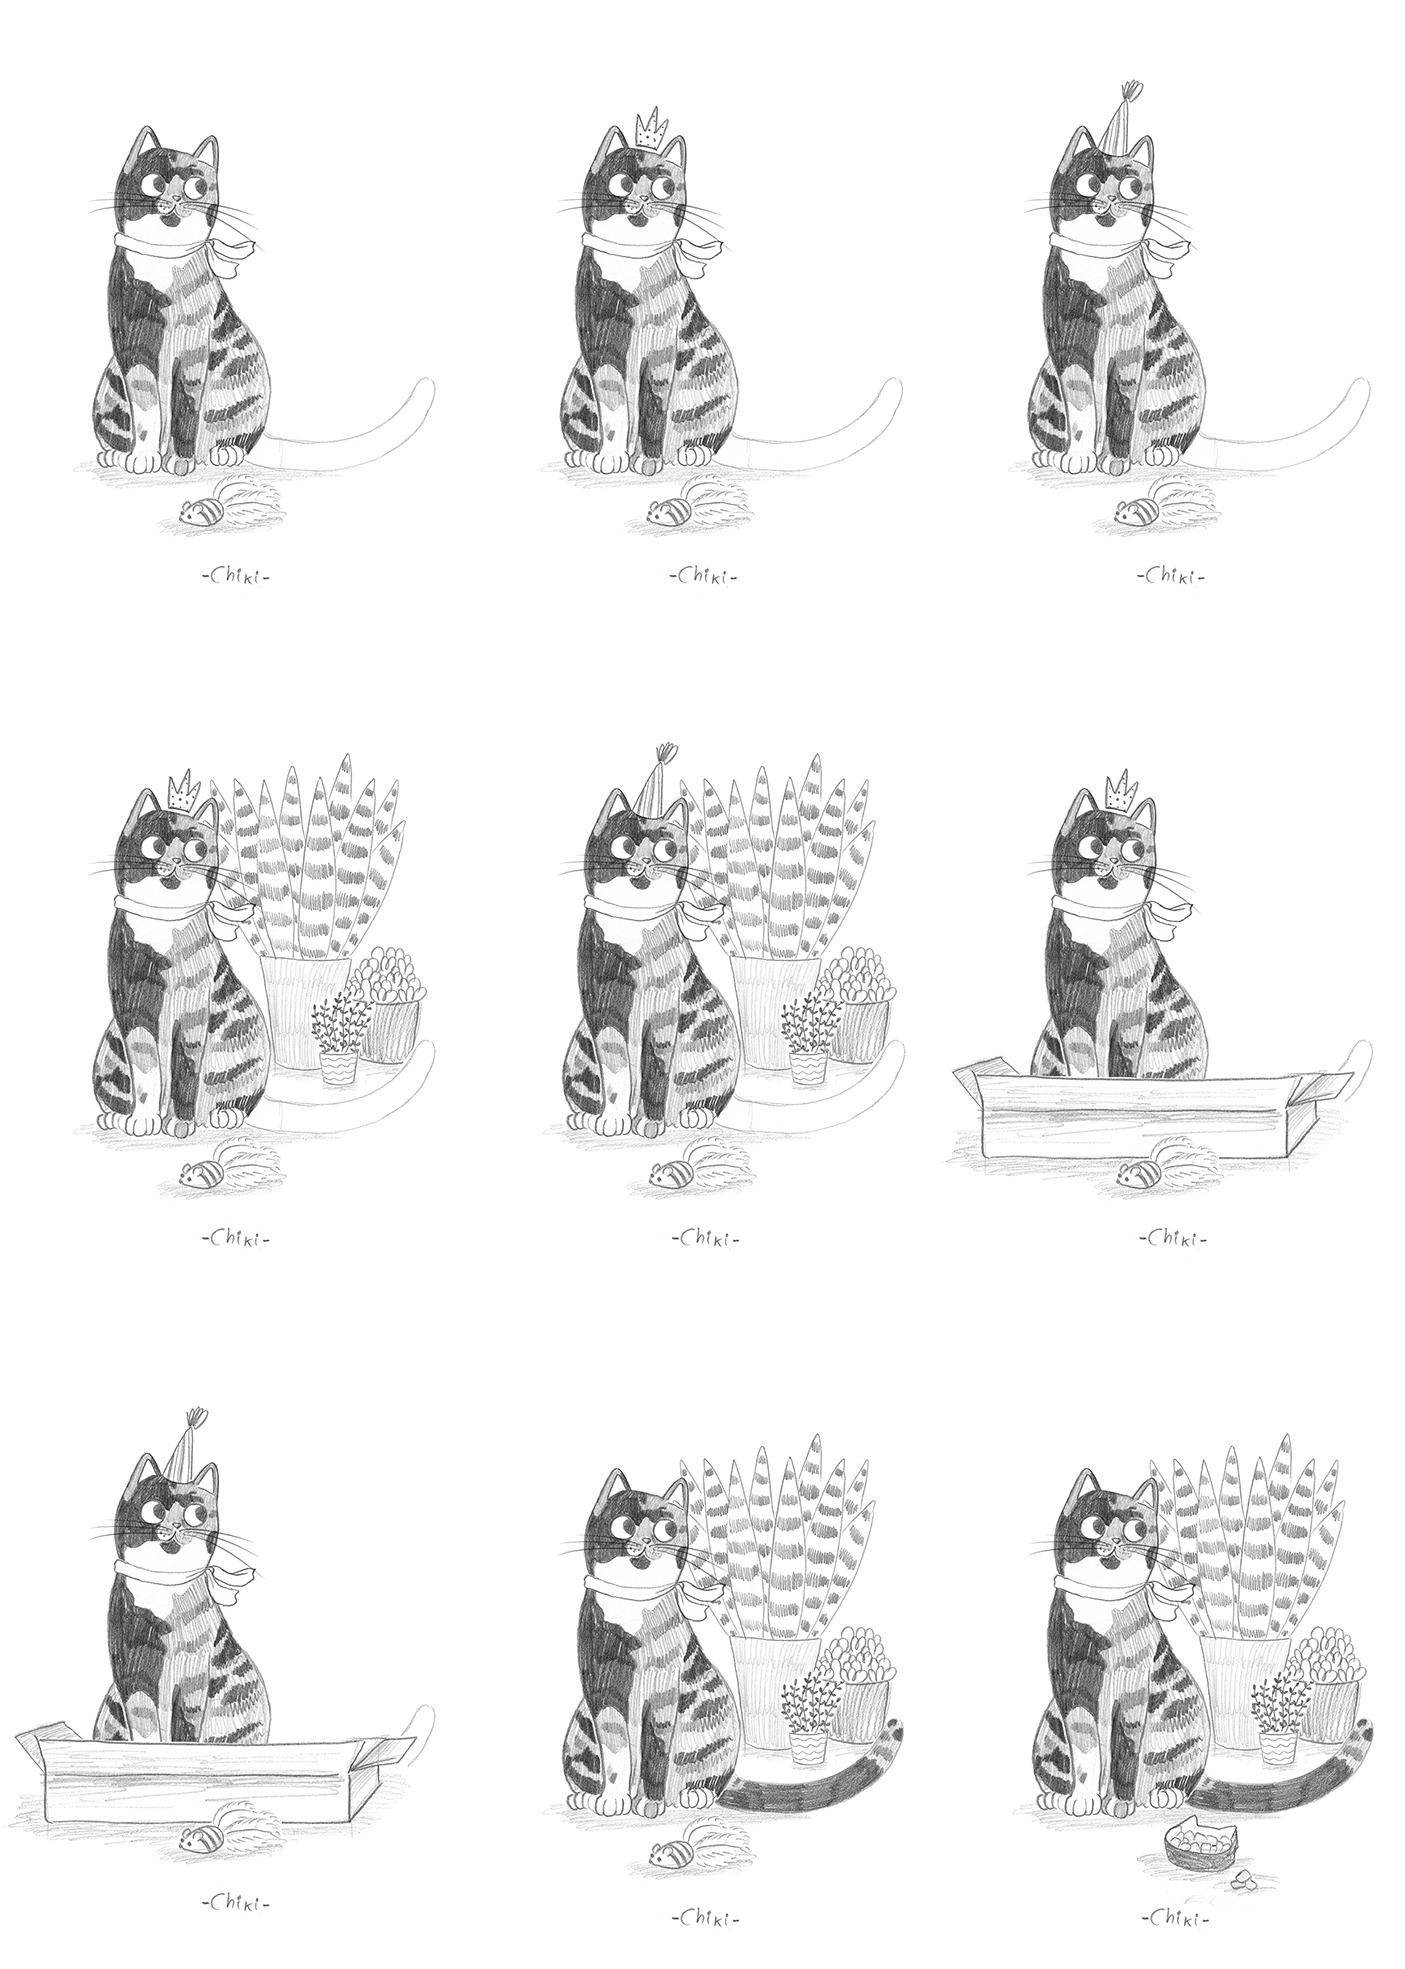 bocetos de gatos, proceso de bocetos, ilustracion de gatos, dibujo de gatos, ilustracion infantil de gatos, retrato de gato personalizado, retrato de mascota personalizado, Mar Villar, retratos de gatos, ilustracion personalizada de gato, ilustración personalizada de mascota,